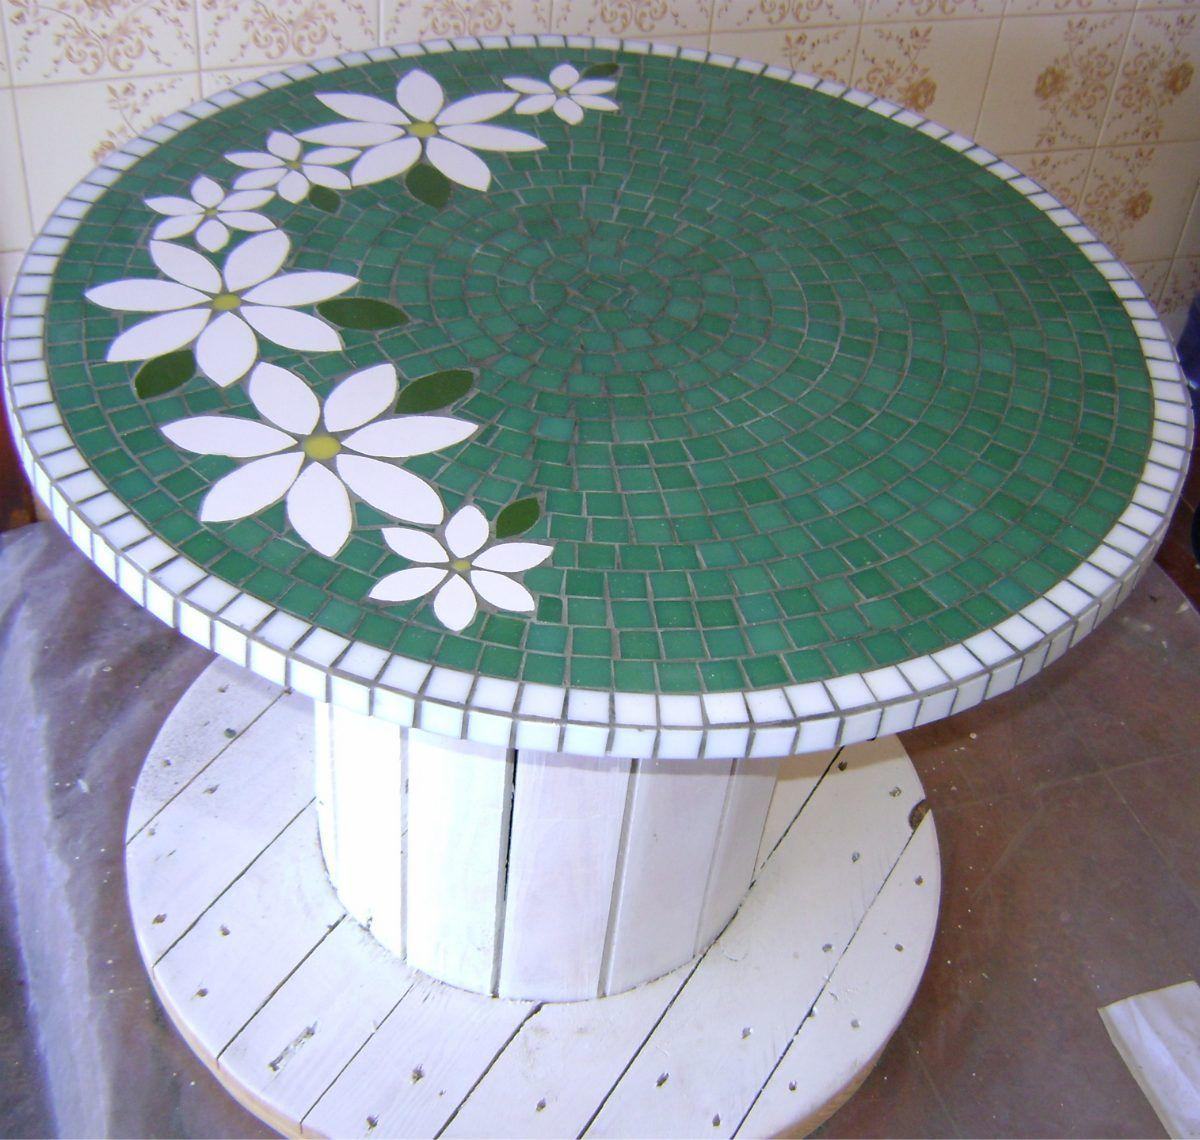 Tampo de mesa em mosaico ideias para a casa for Mesa mosaico jardin